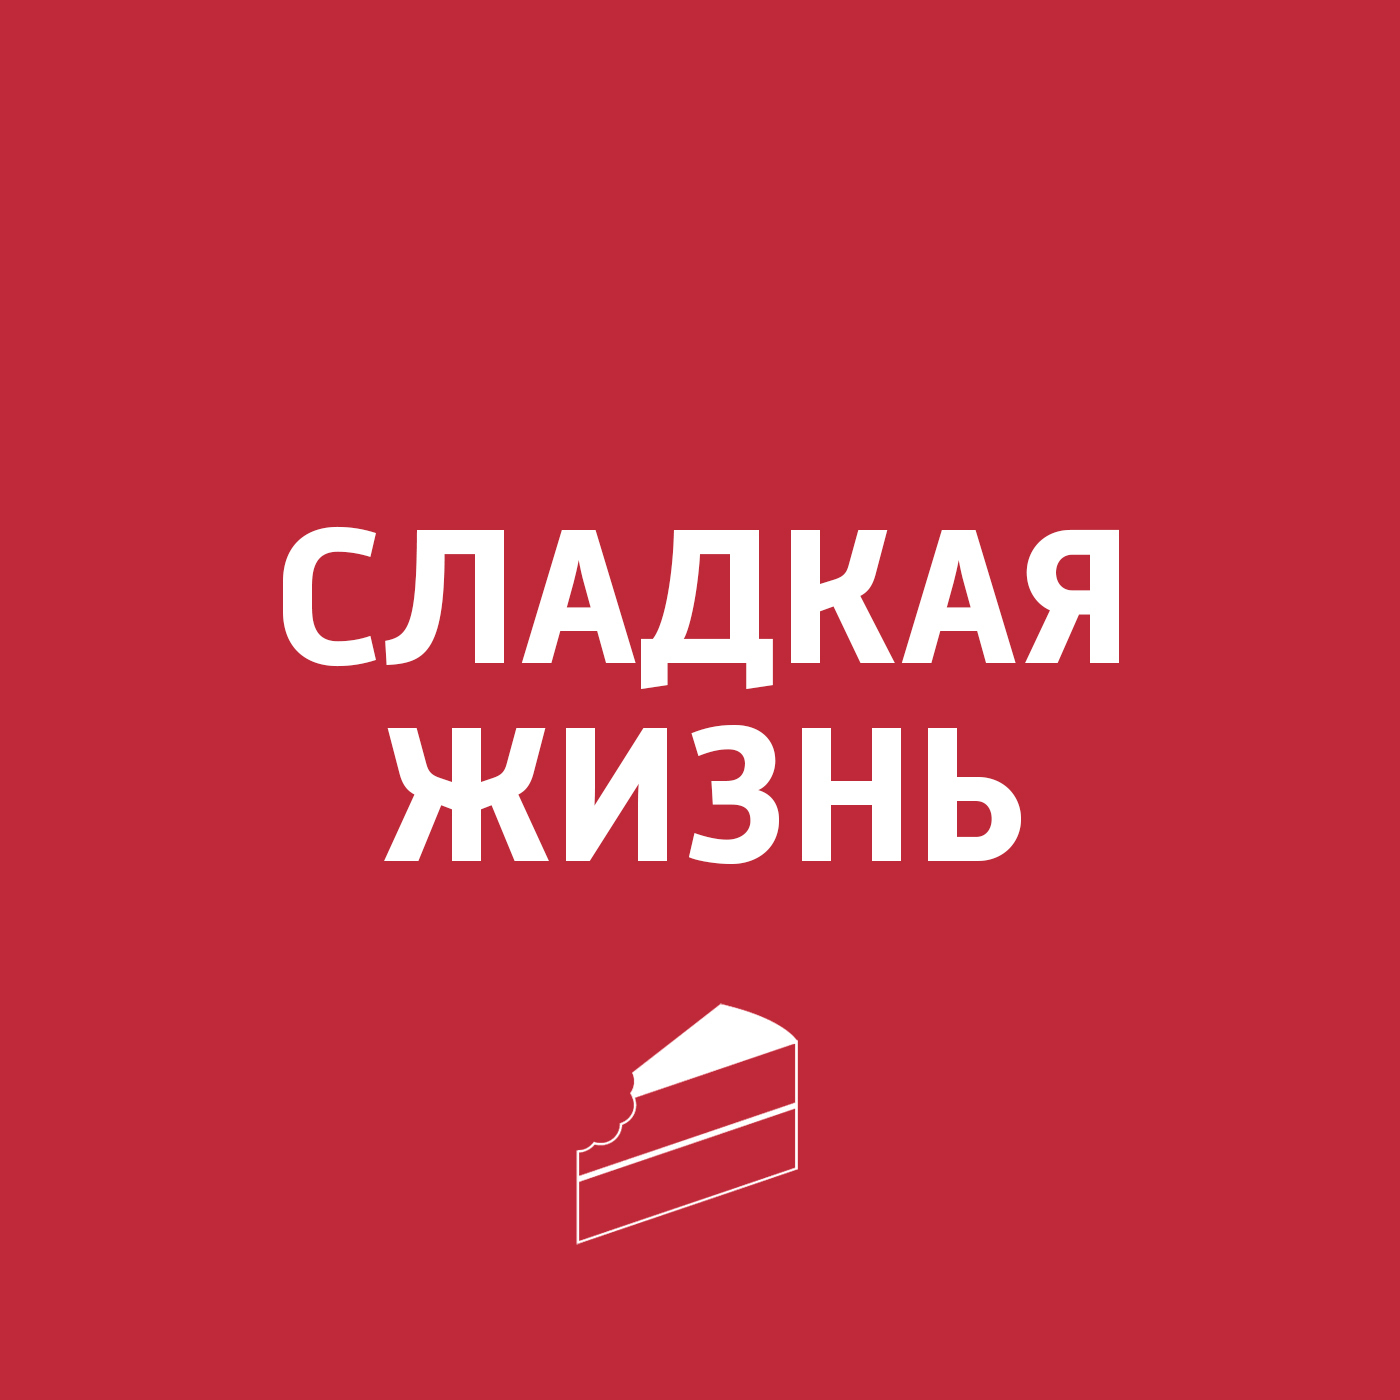 Картаев Павел Шарлотка картаев павел черные курильщики